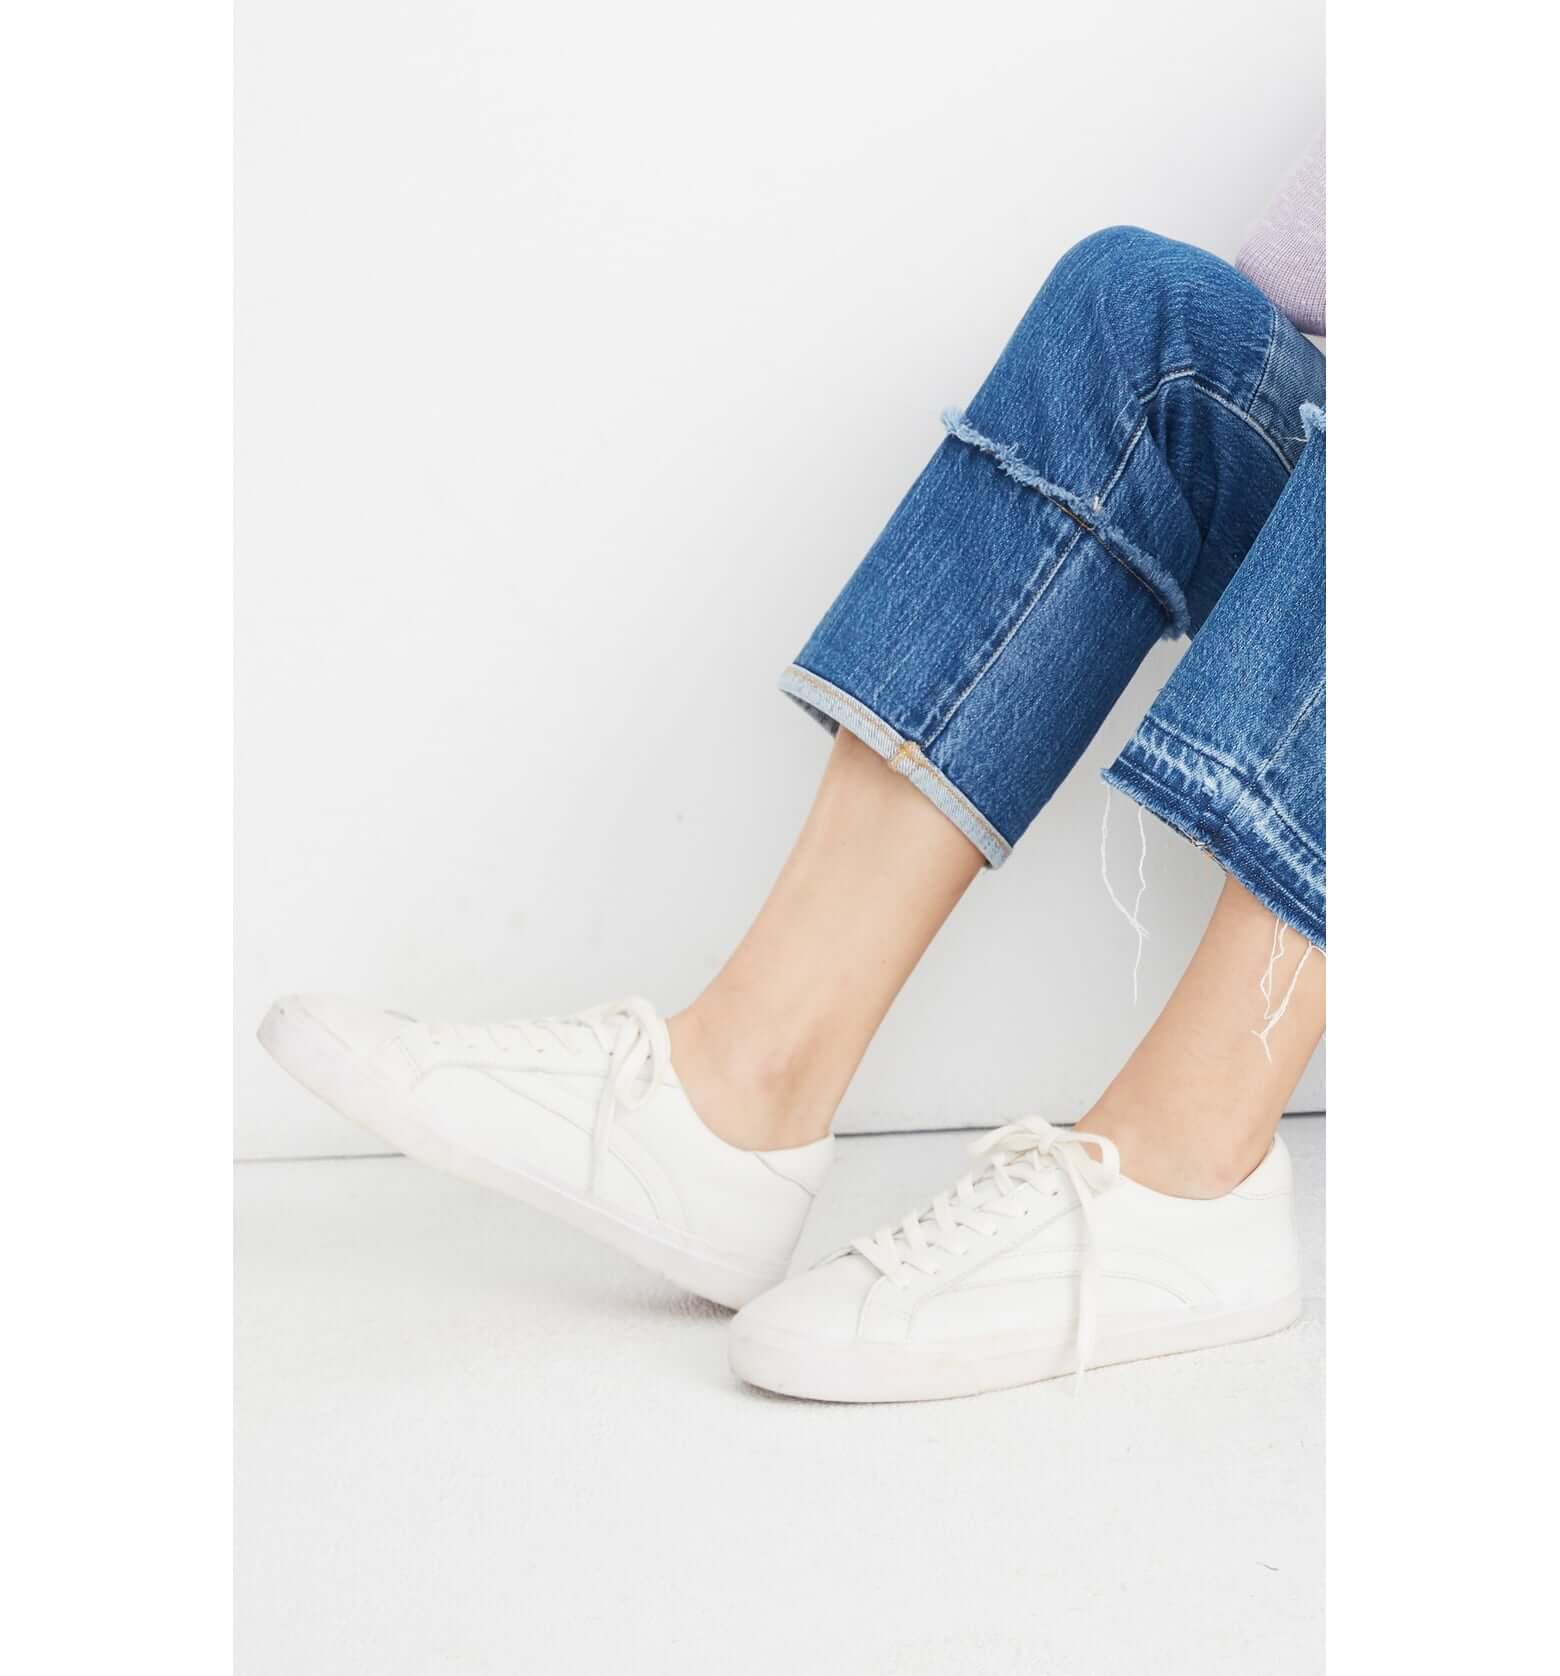 madewell-shoes-sidewalk-low-top-sneaker.jpeg